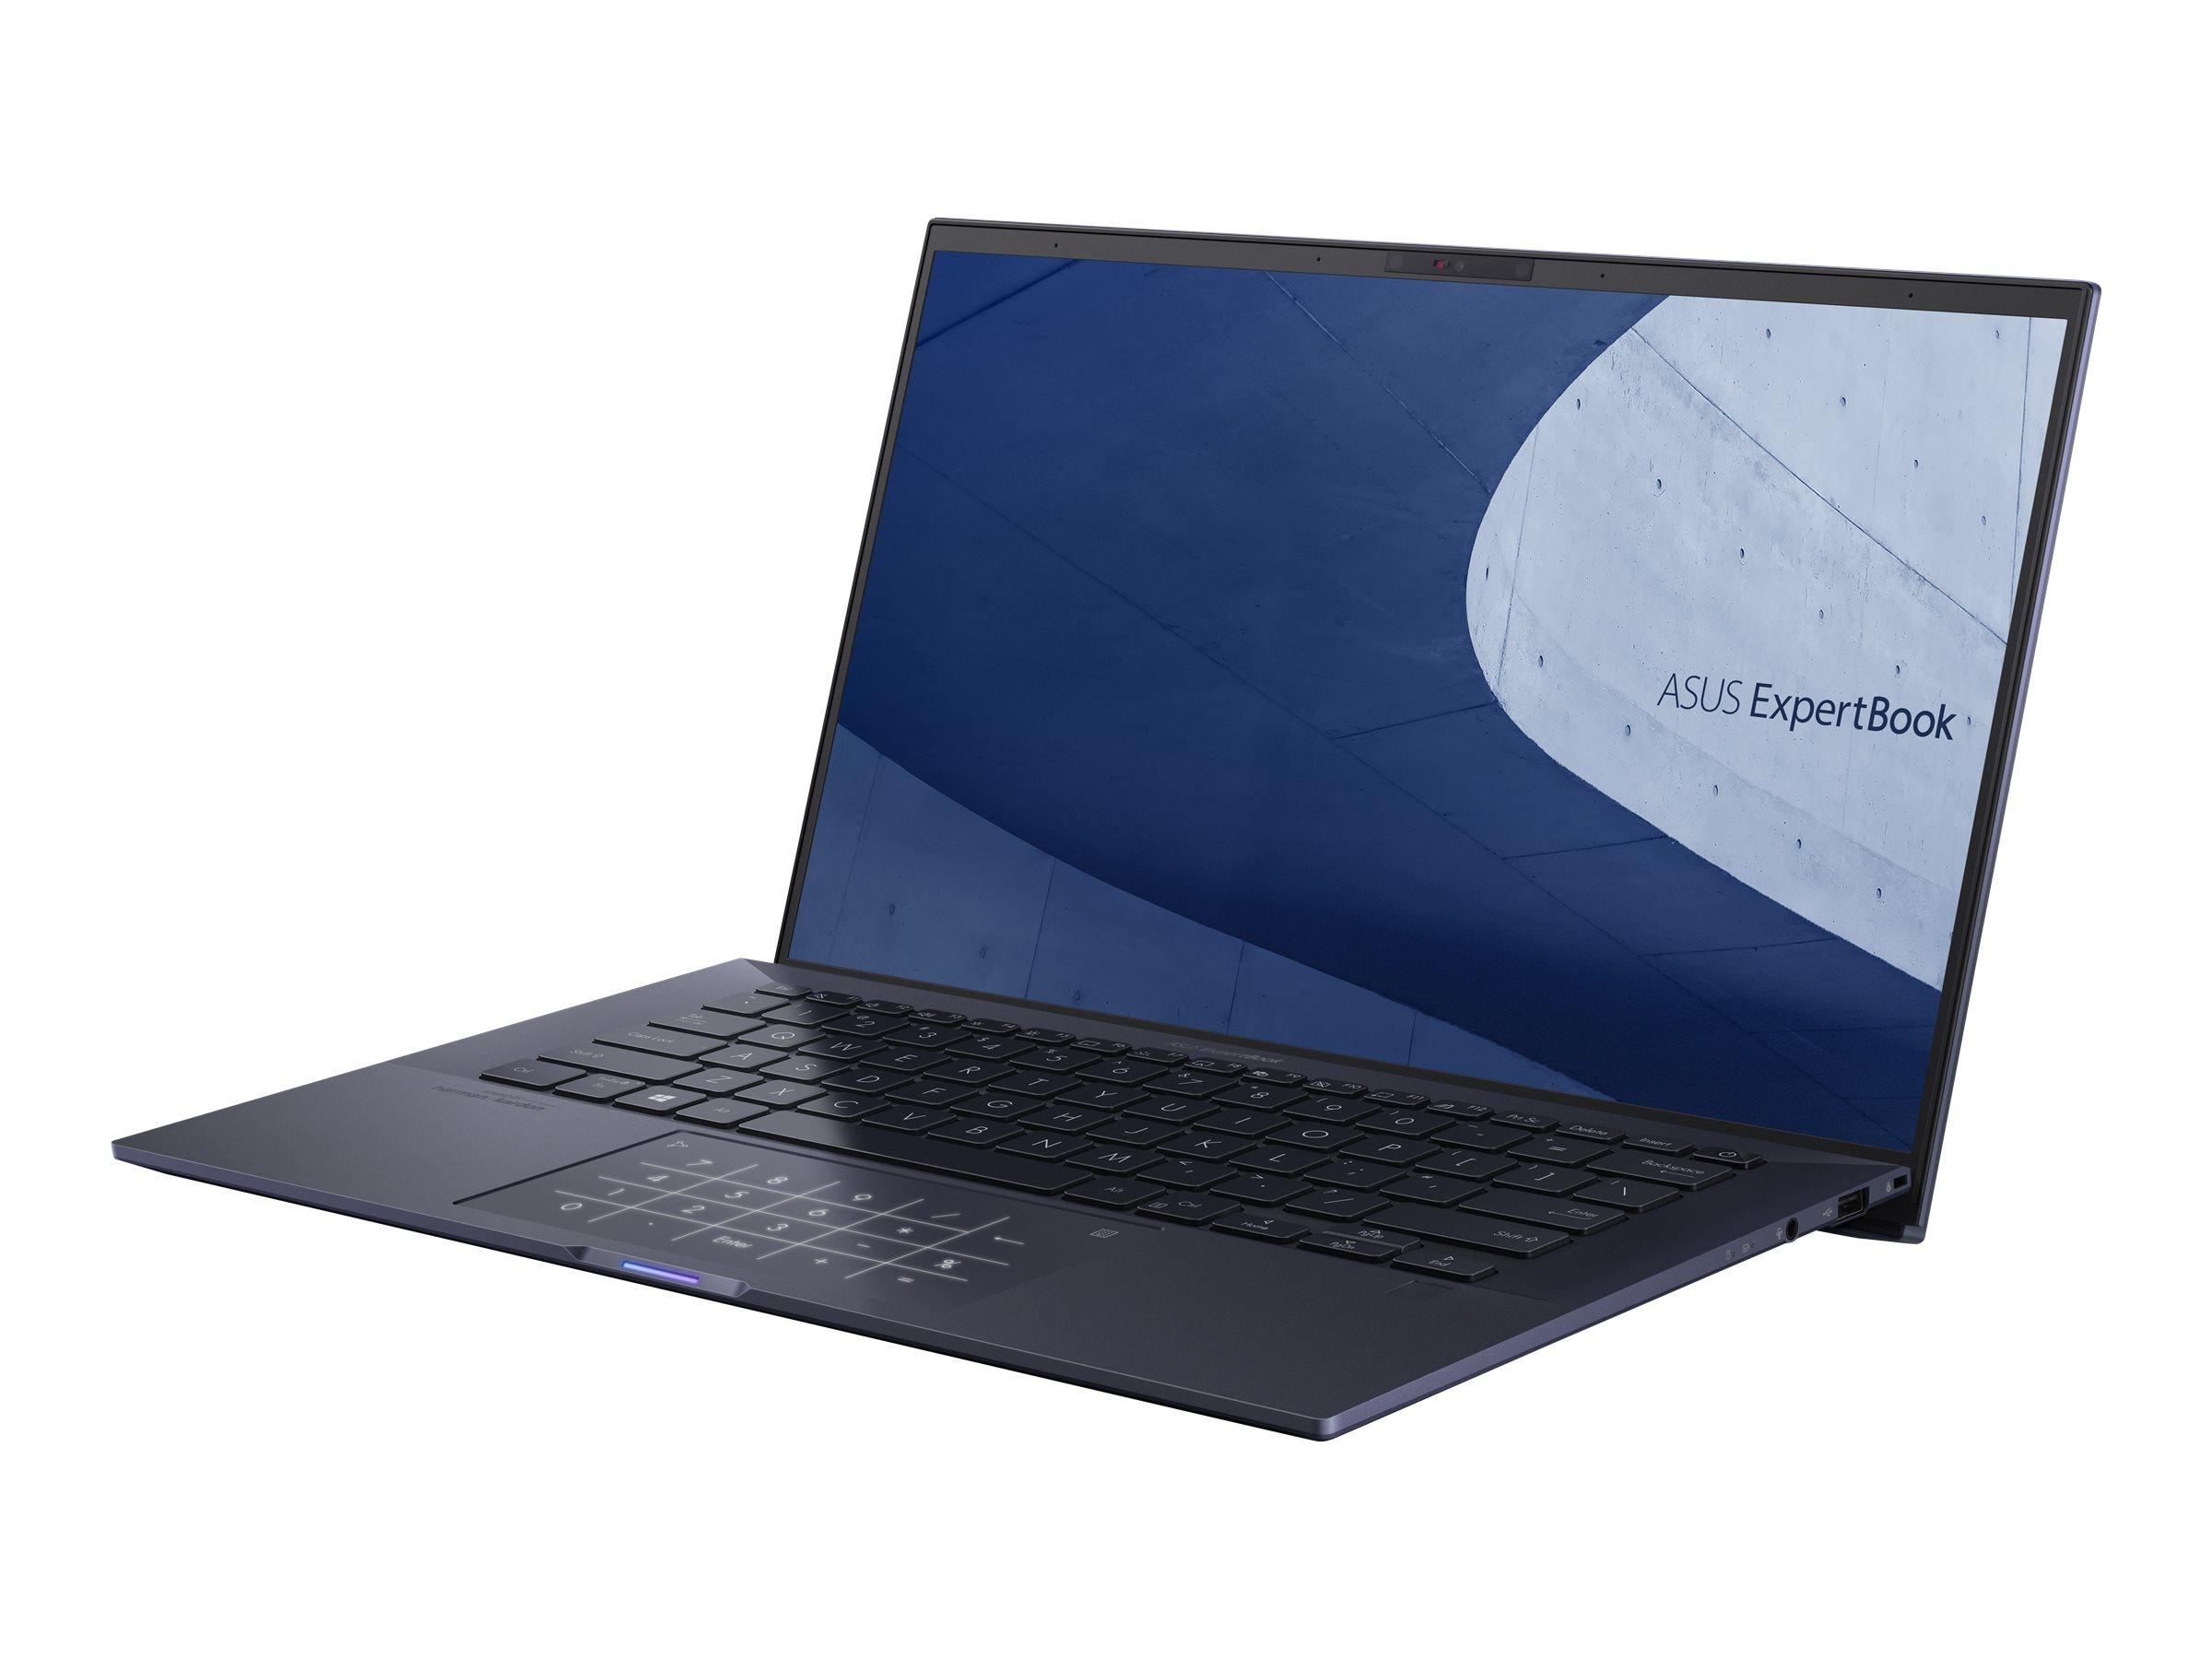 ASUS ExpertBook B9 B9450FA-BM0745R - Core i7 10610U / 1.8 GHz - Win 10 Pro 64-Bit - 16 GB RAM - 1 TB (2x)